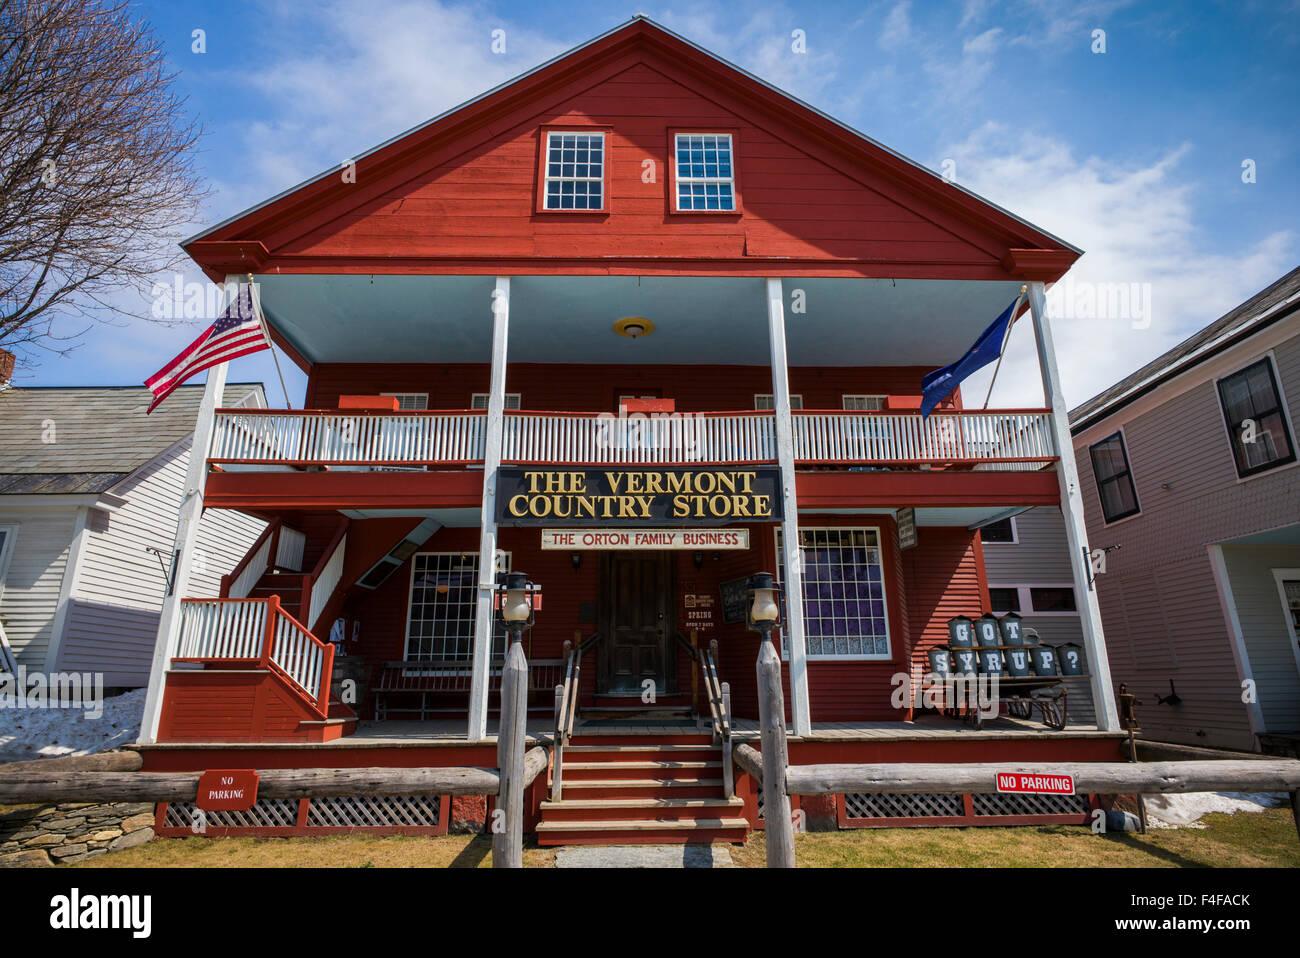 Weston, el Vermont Country Store, exterior Foto de stock